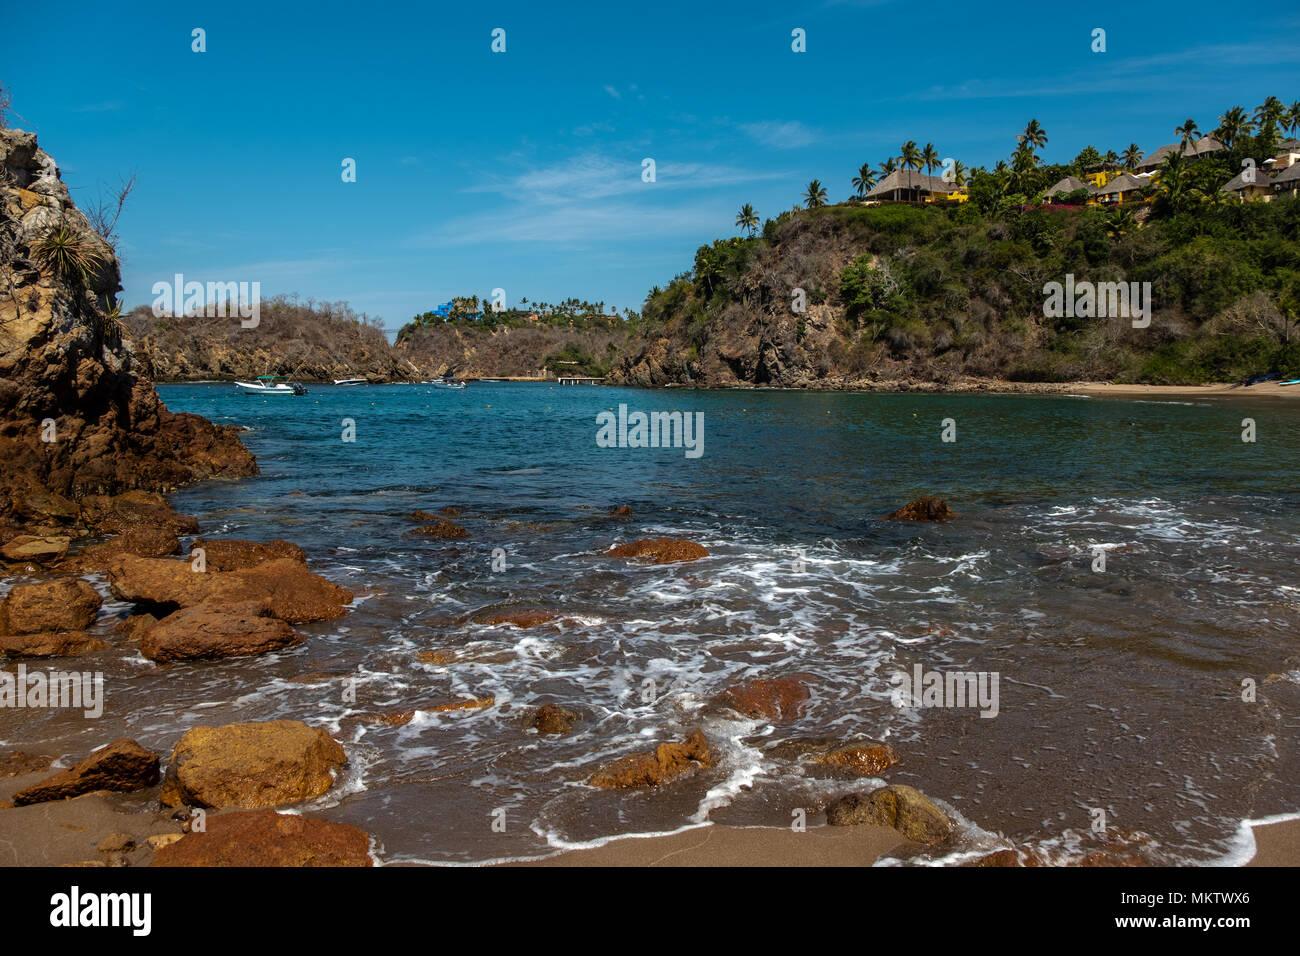 Playa Rosa beach in Careyes Punta Careyes on west coast of Jalisco Province, Mexico - Stock Image